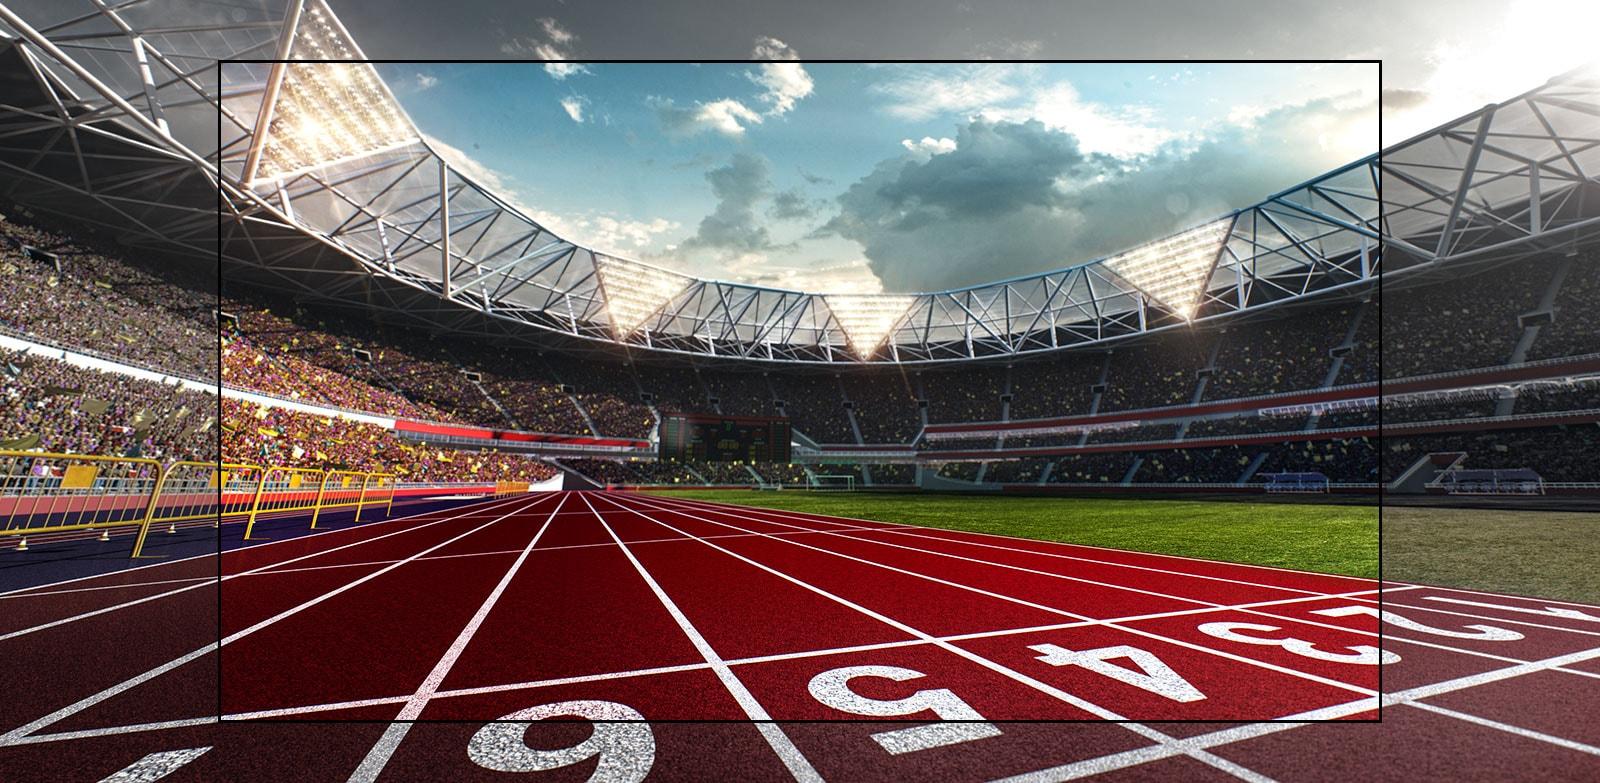 Obrazovka televízora, na ktorej je zobrazený štadión so záberom zblízka na bežeckú trať. Štadión je nabitý divákmi.